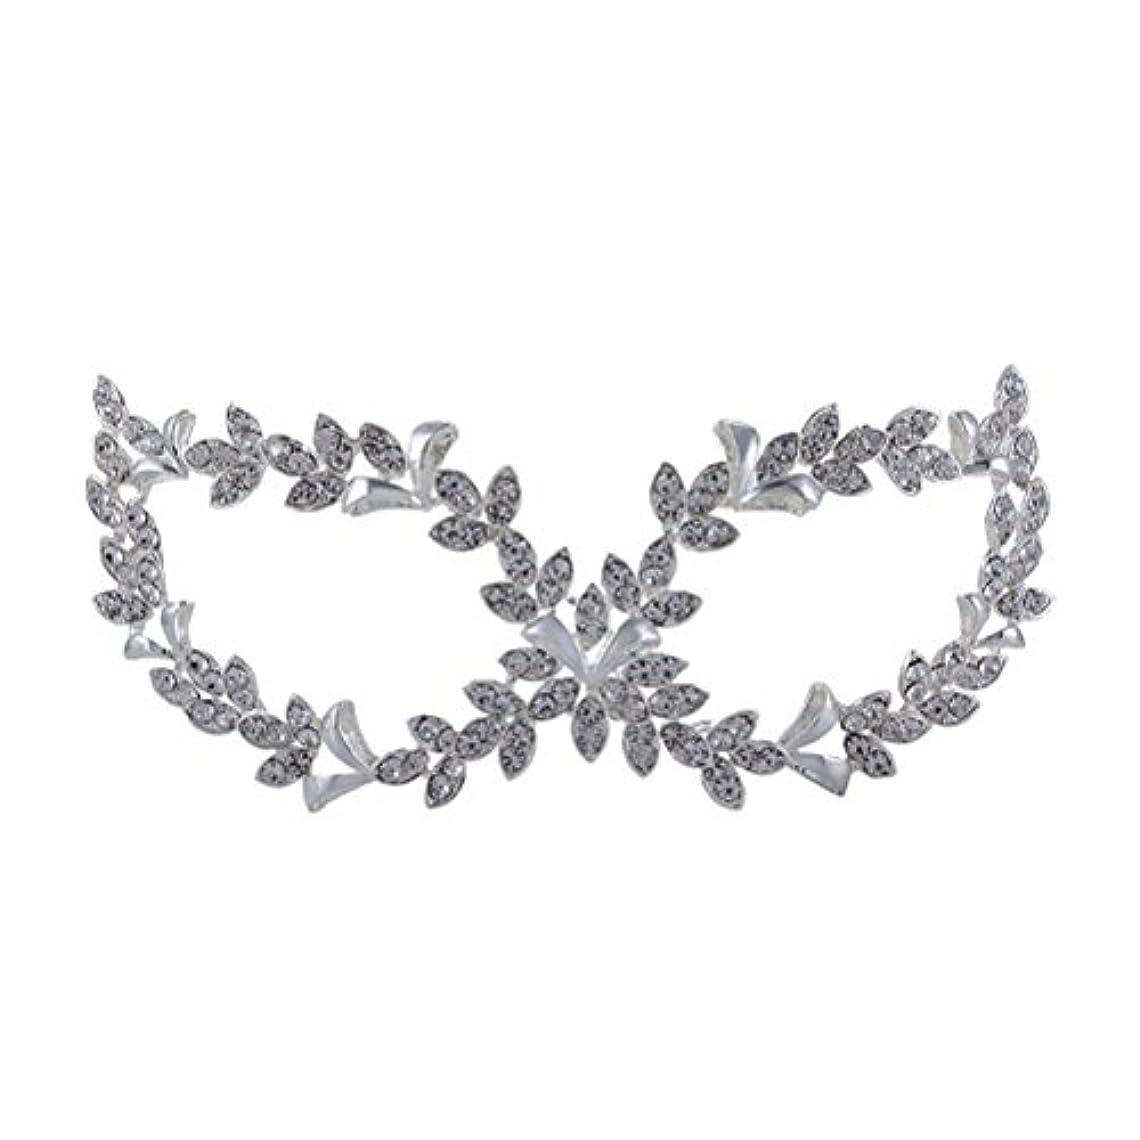 テーマ石のデモンストレーションROSENICE 仮面舞踏会マスク 調節可能